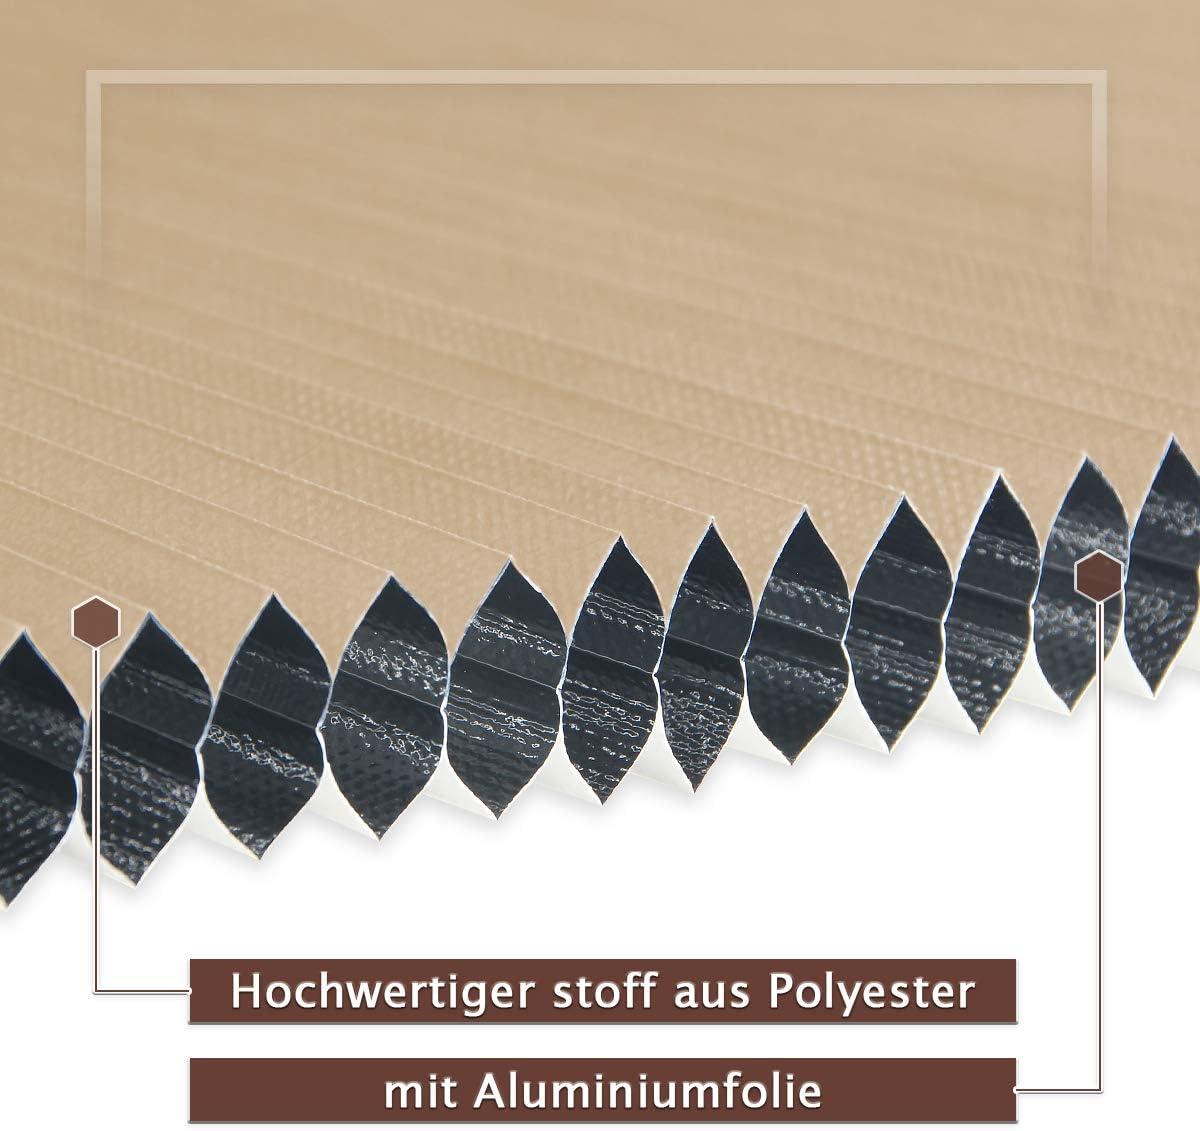 Sonnen- Doppelseitig Zweifarbig Wei/ß-Beige 80x130cm Kein Geruch Waben Plisseerollo f/ür Fenster /& T/ür Sicht- /& Schallschutz W/ärmeisolierung Atlaz Wabenplissee Klemmfix Thermo 100/% Verdunklung